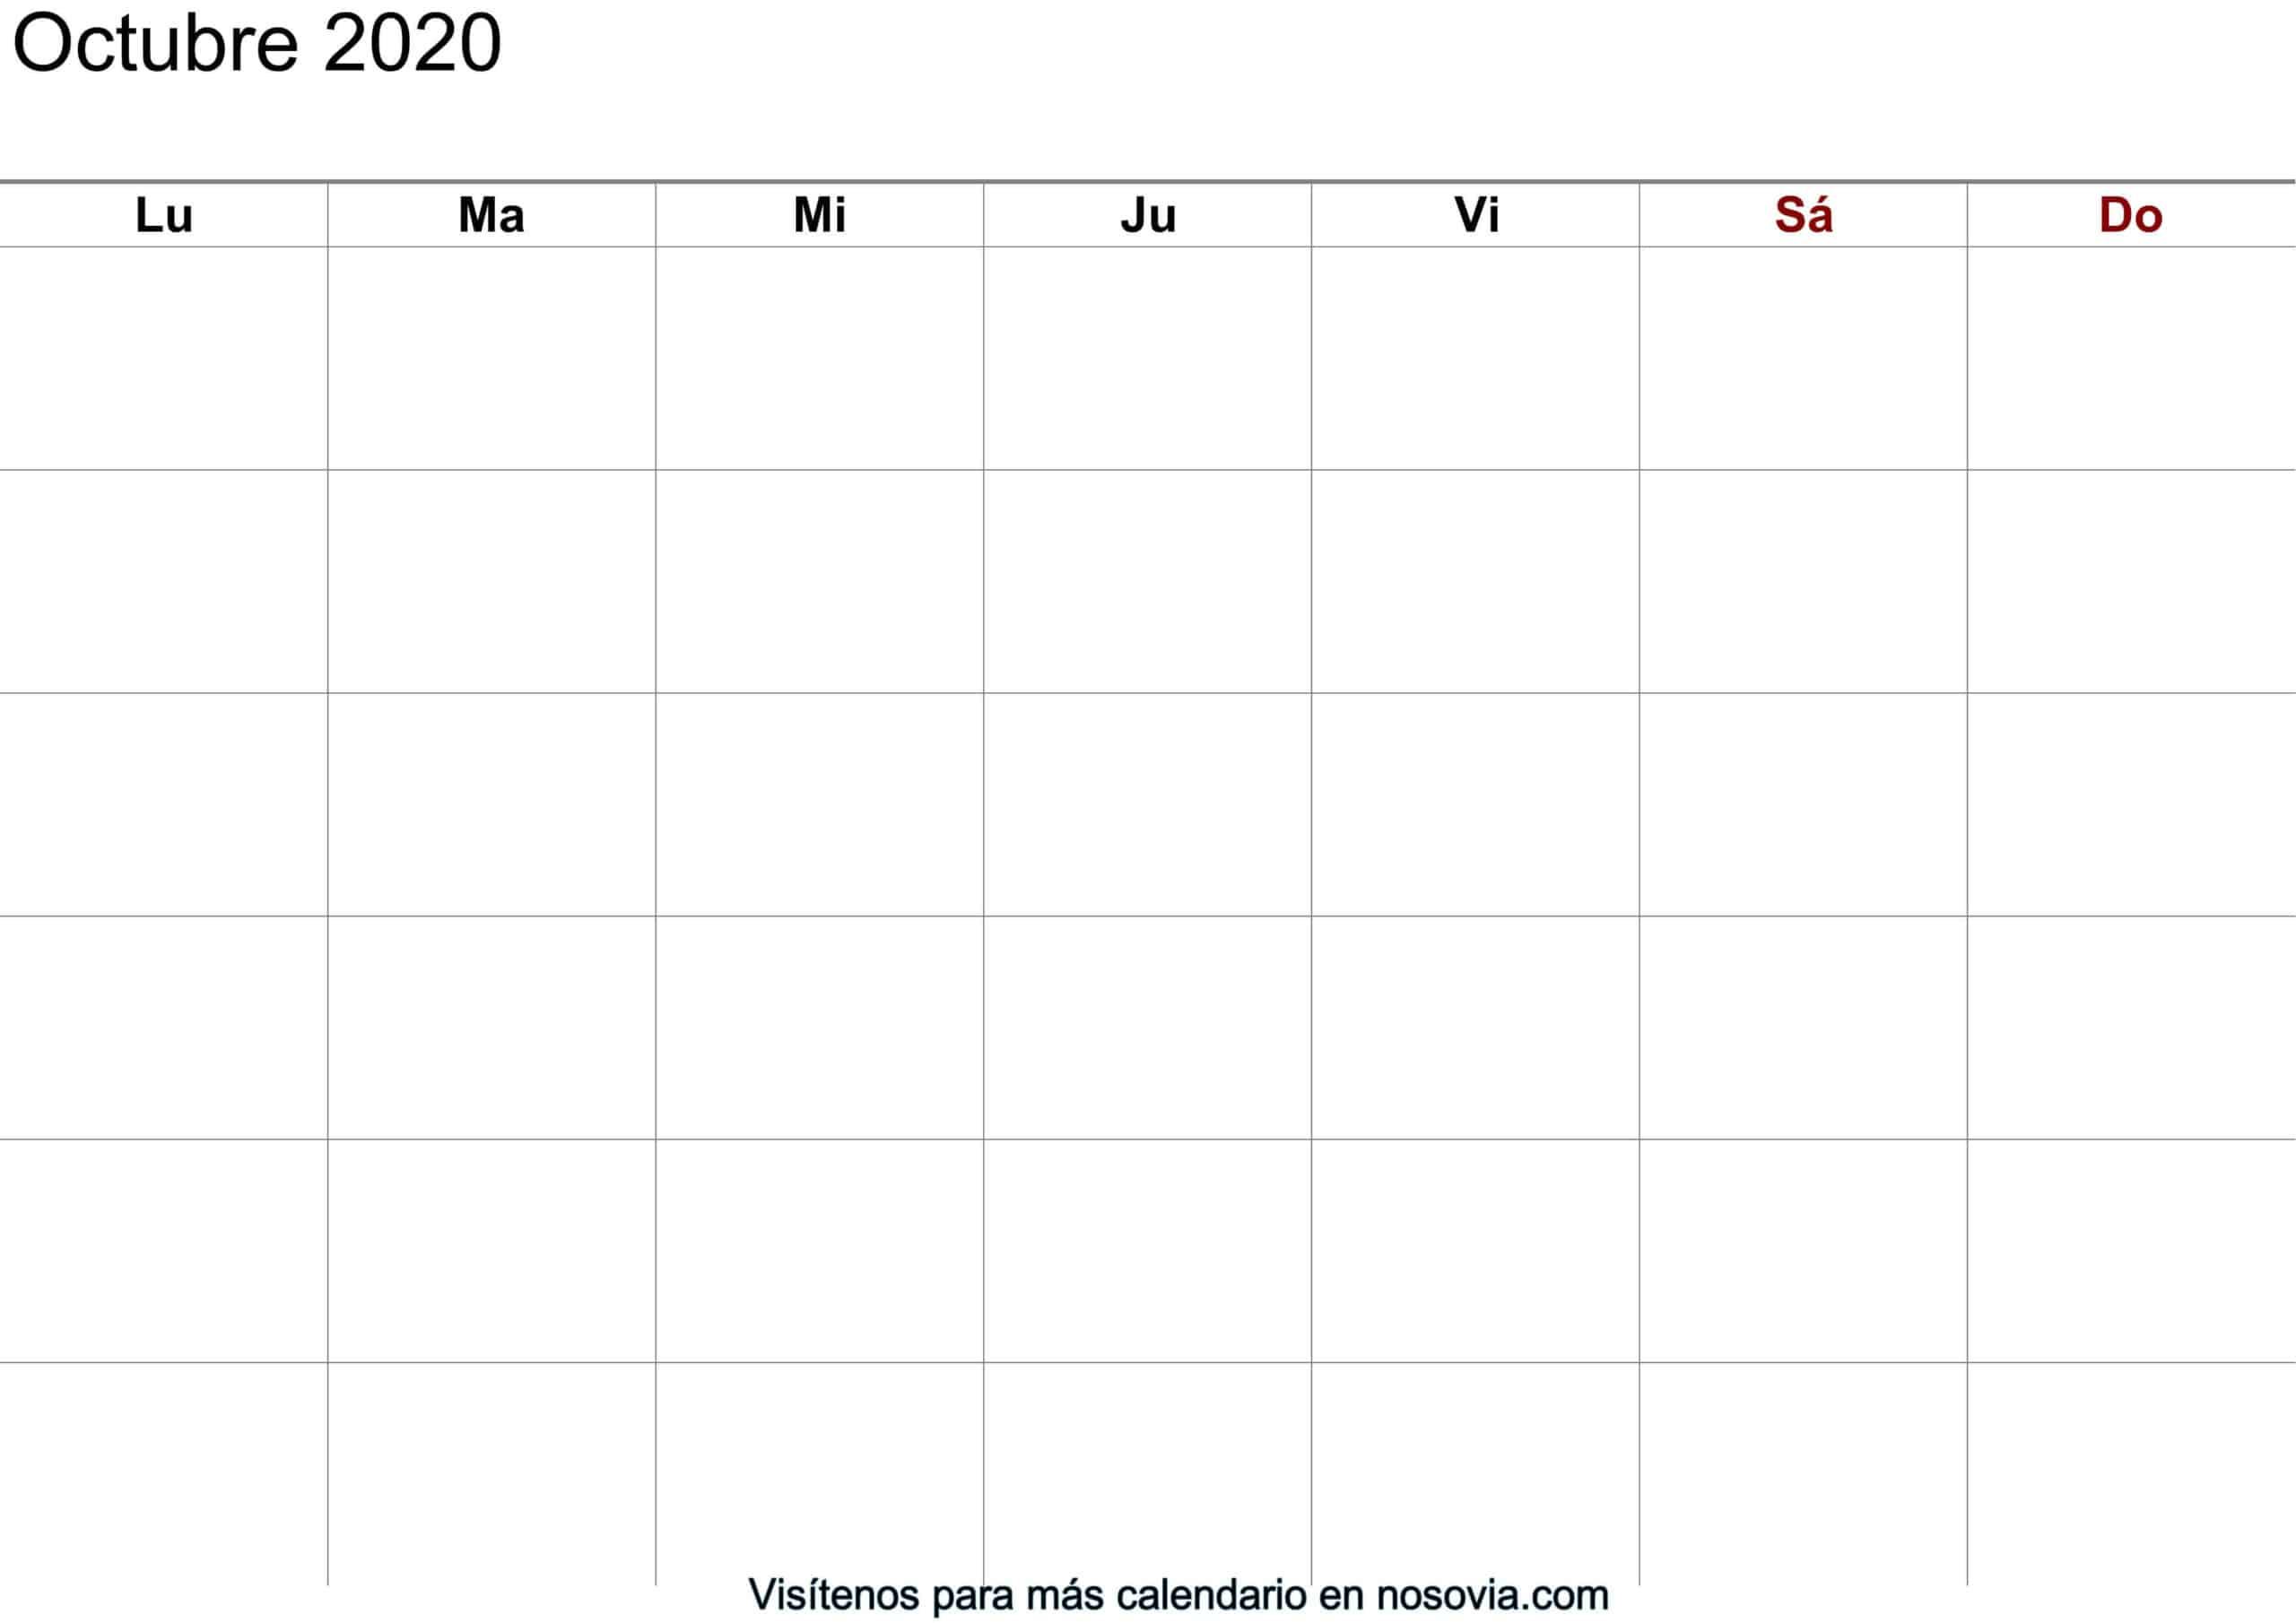 Calendario-octubre-2020-imágenes-para-imprimir-gratis